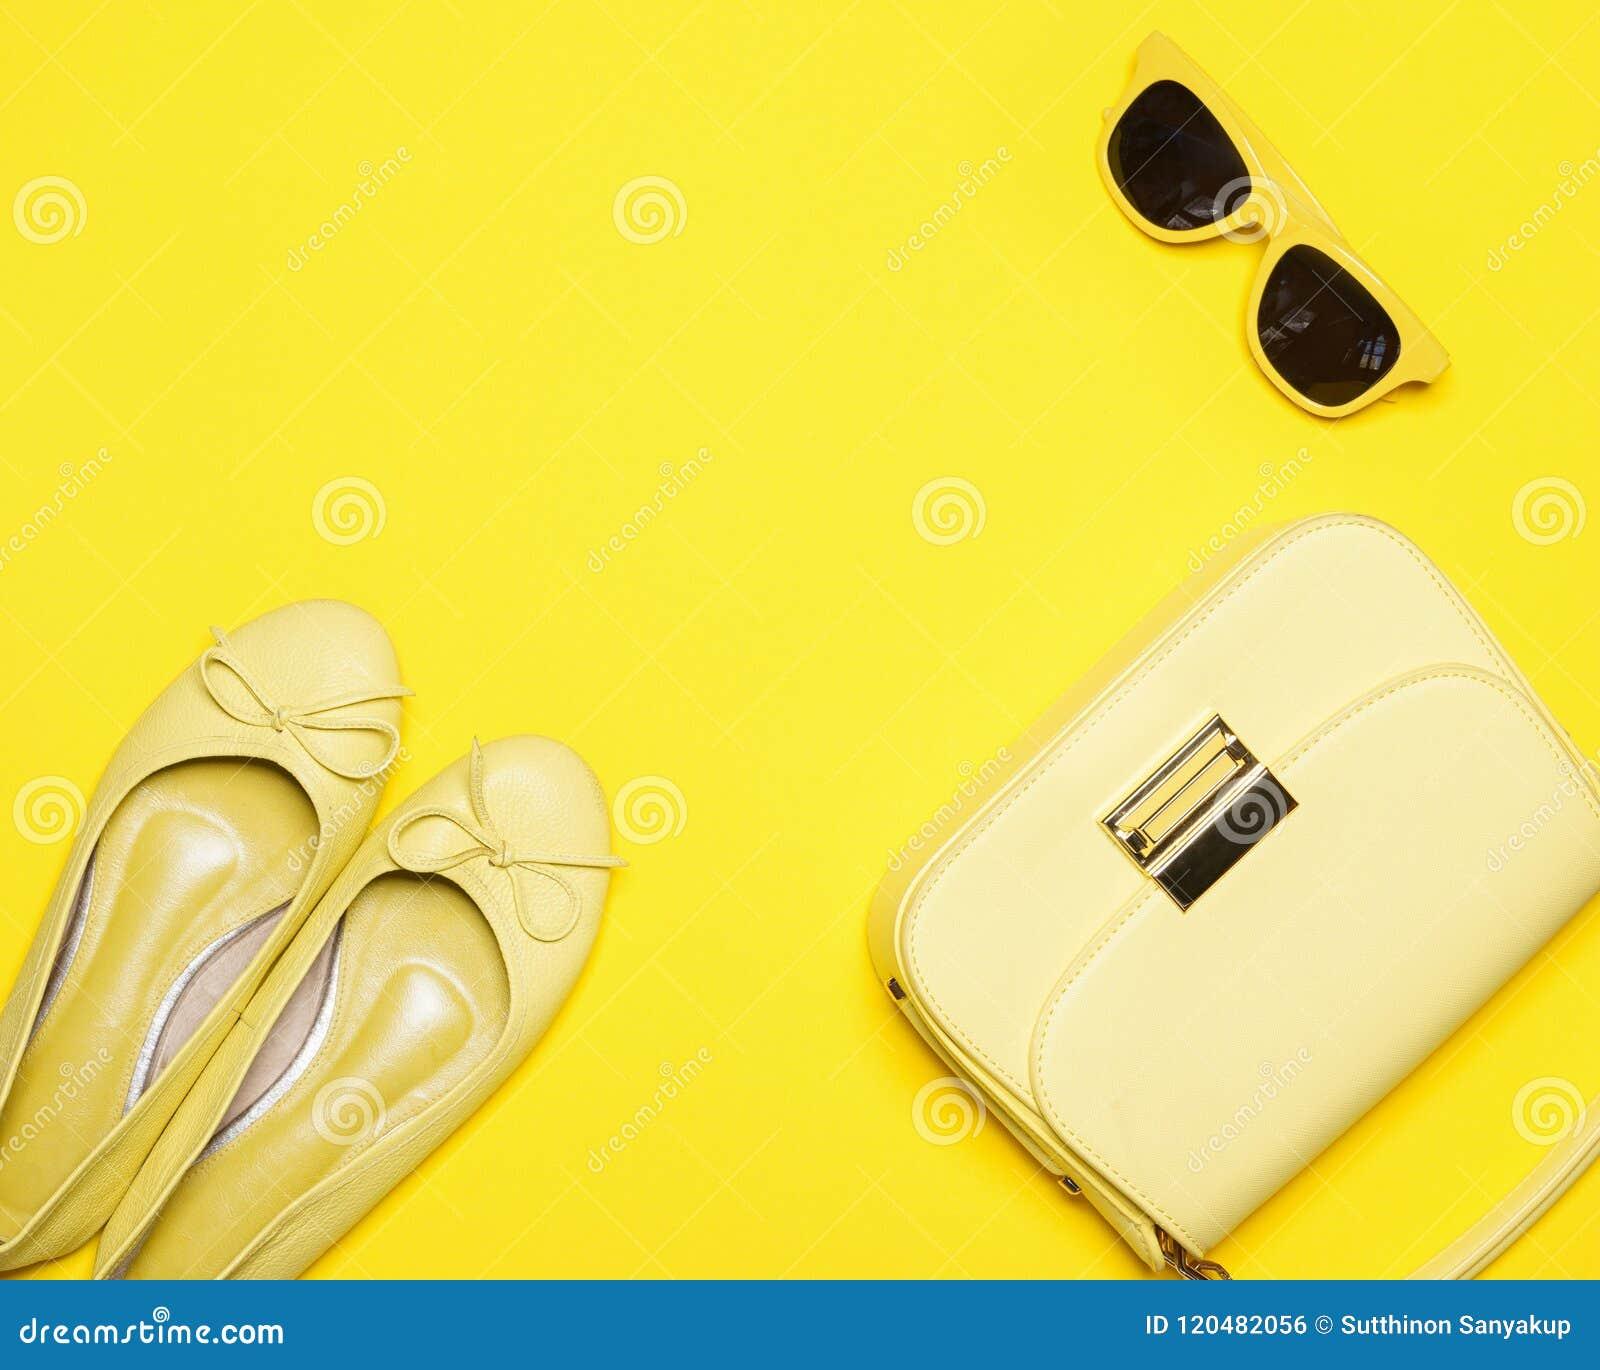 Η καθιερώνουσα τη μόδα κίτρινη ορισμένη γυναίκα μόδας, συλλογή εξαρτημάτων στο κίτρινο υπόβαθρο, θερινή έννοια, επίπεδο βάζει, το